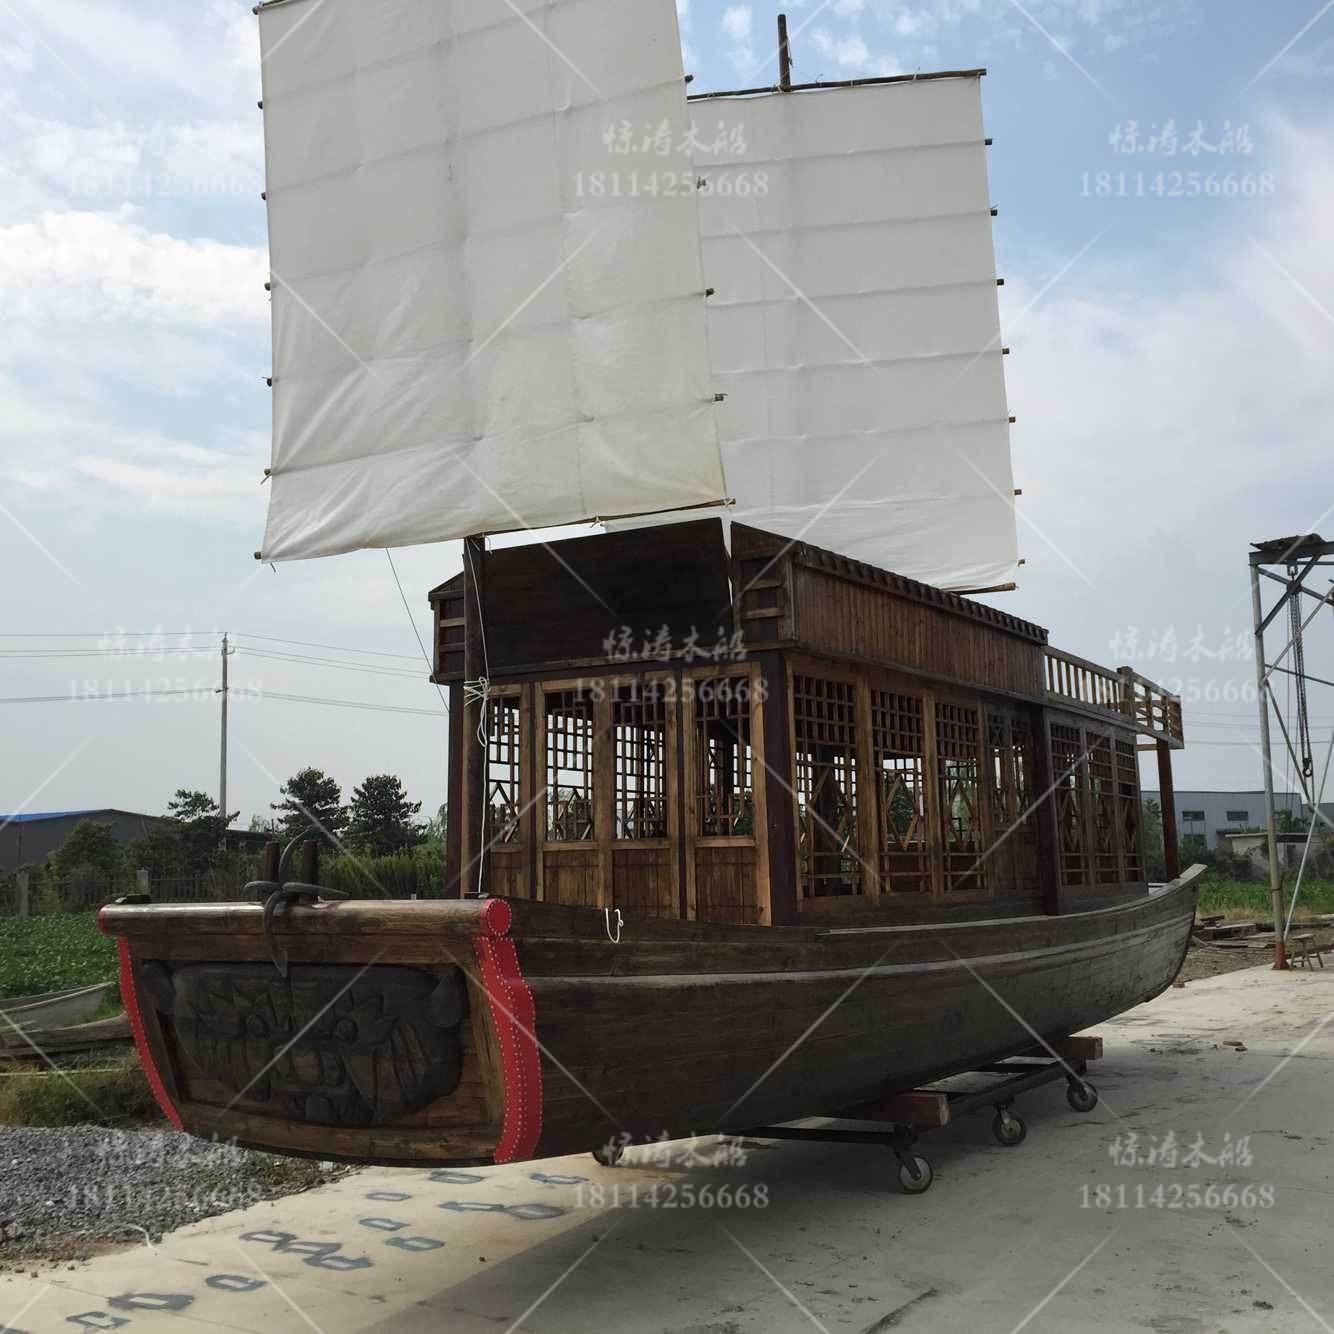 荆州二手木船 仿古画舫船